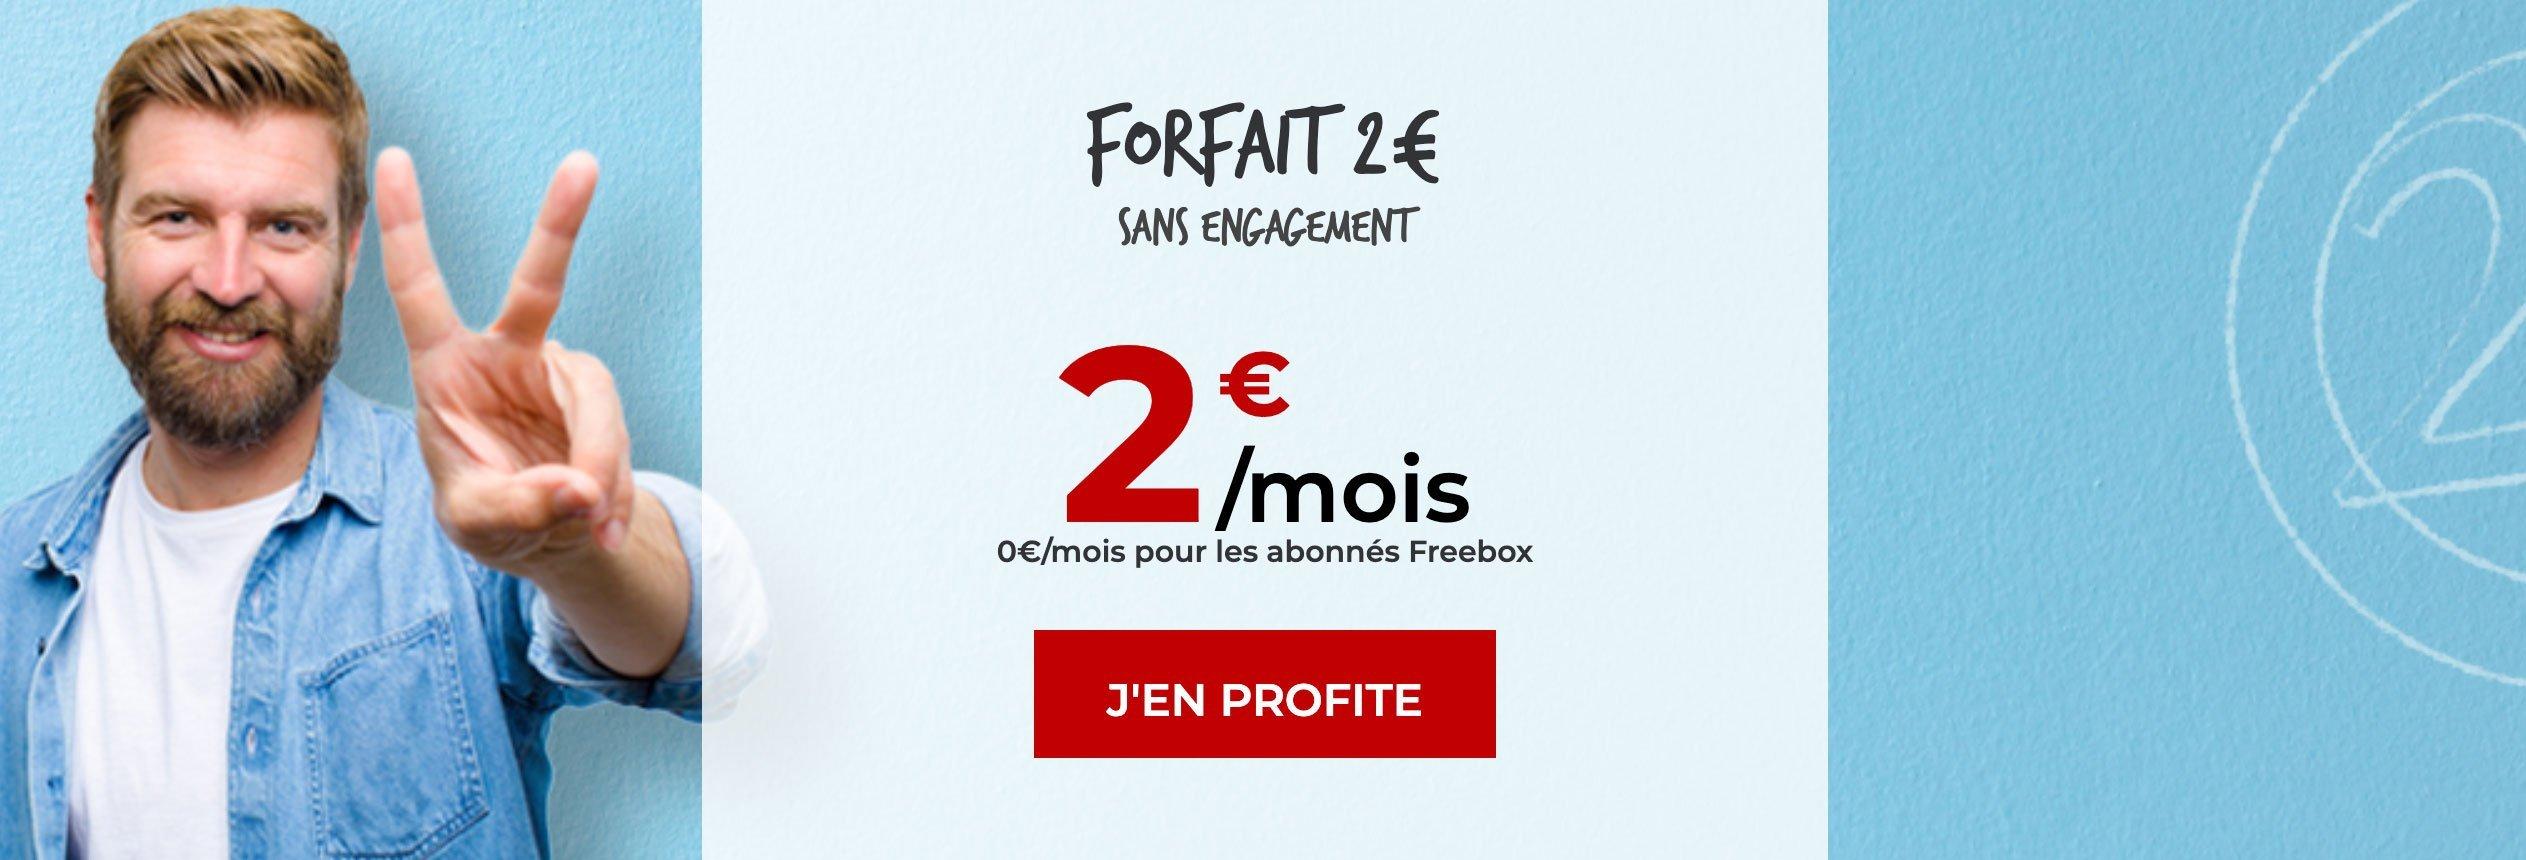 Forfait gratuit Free